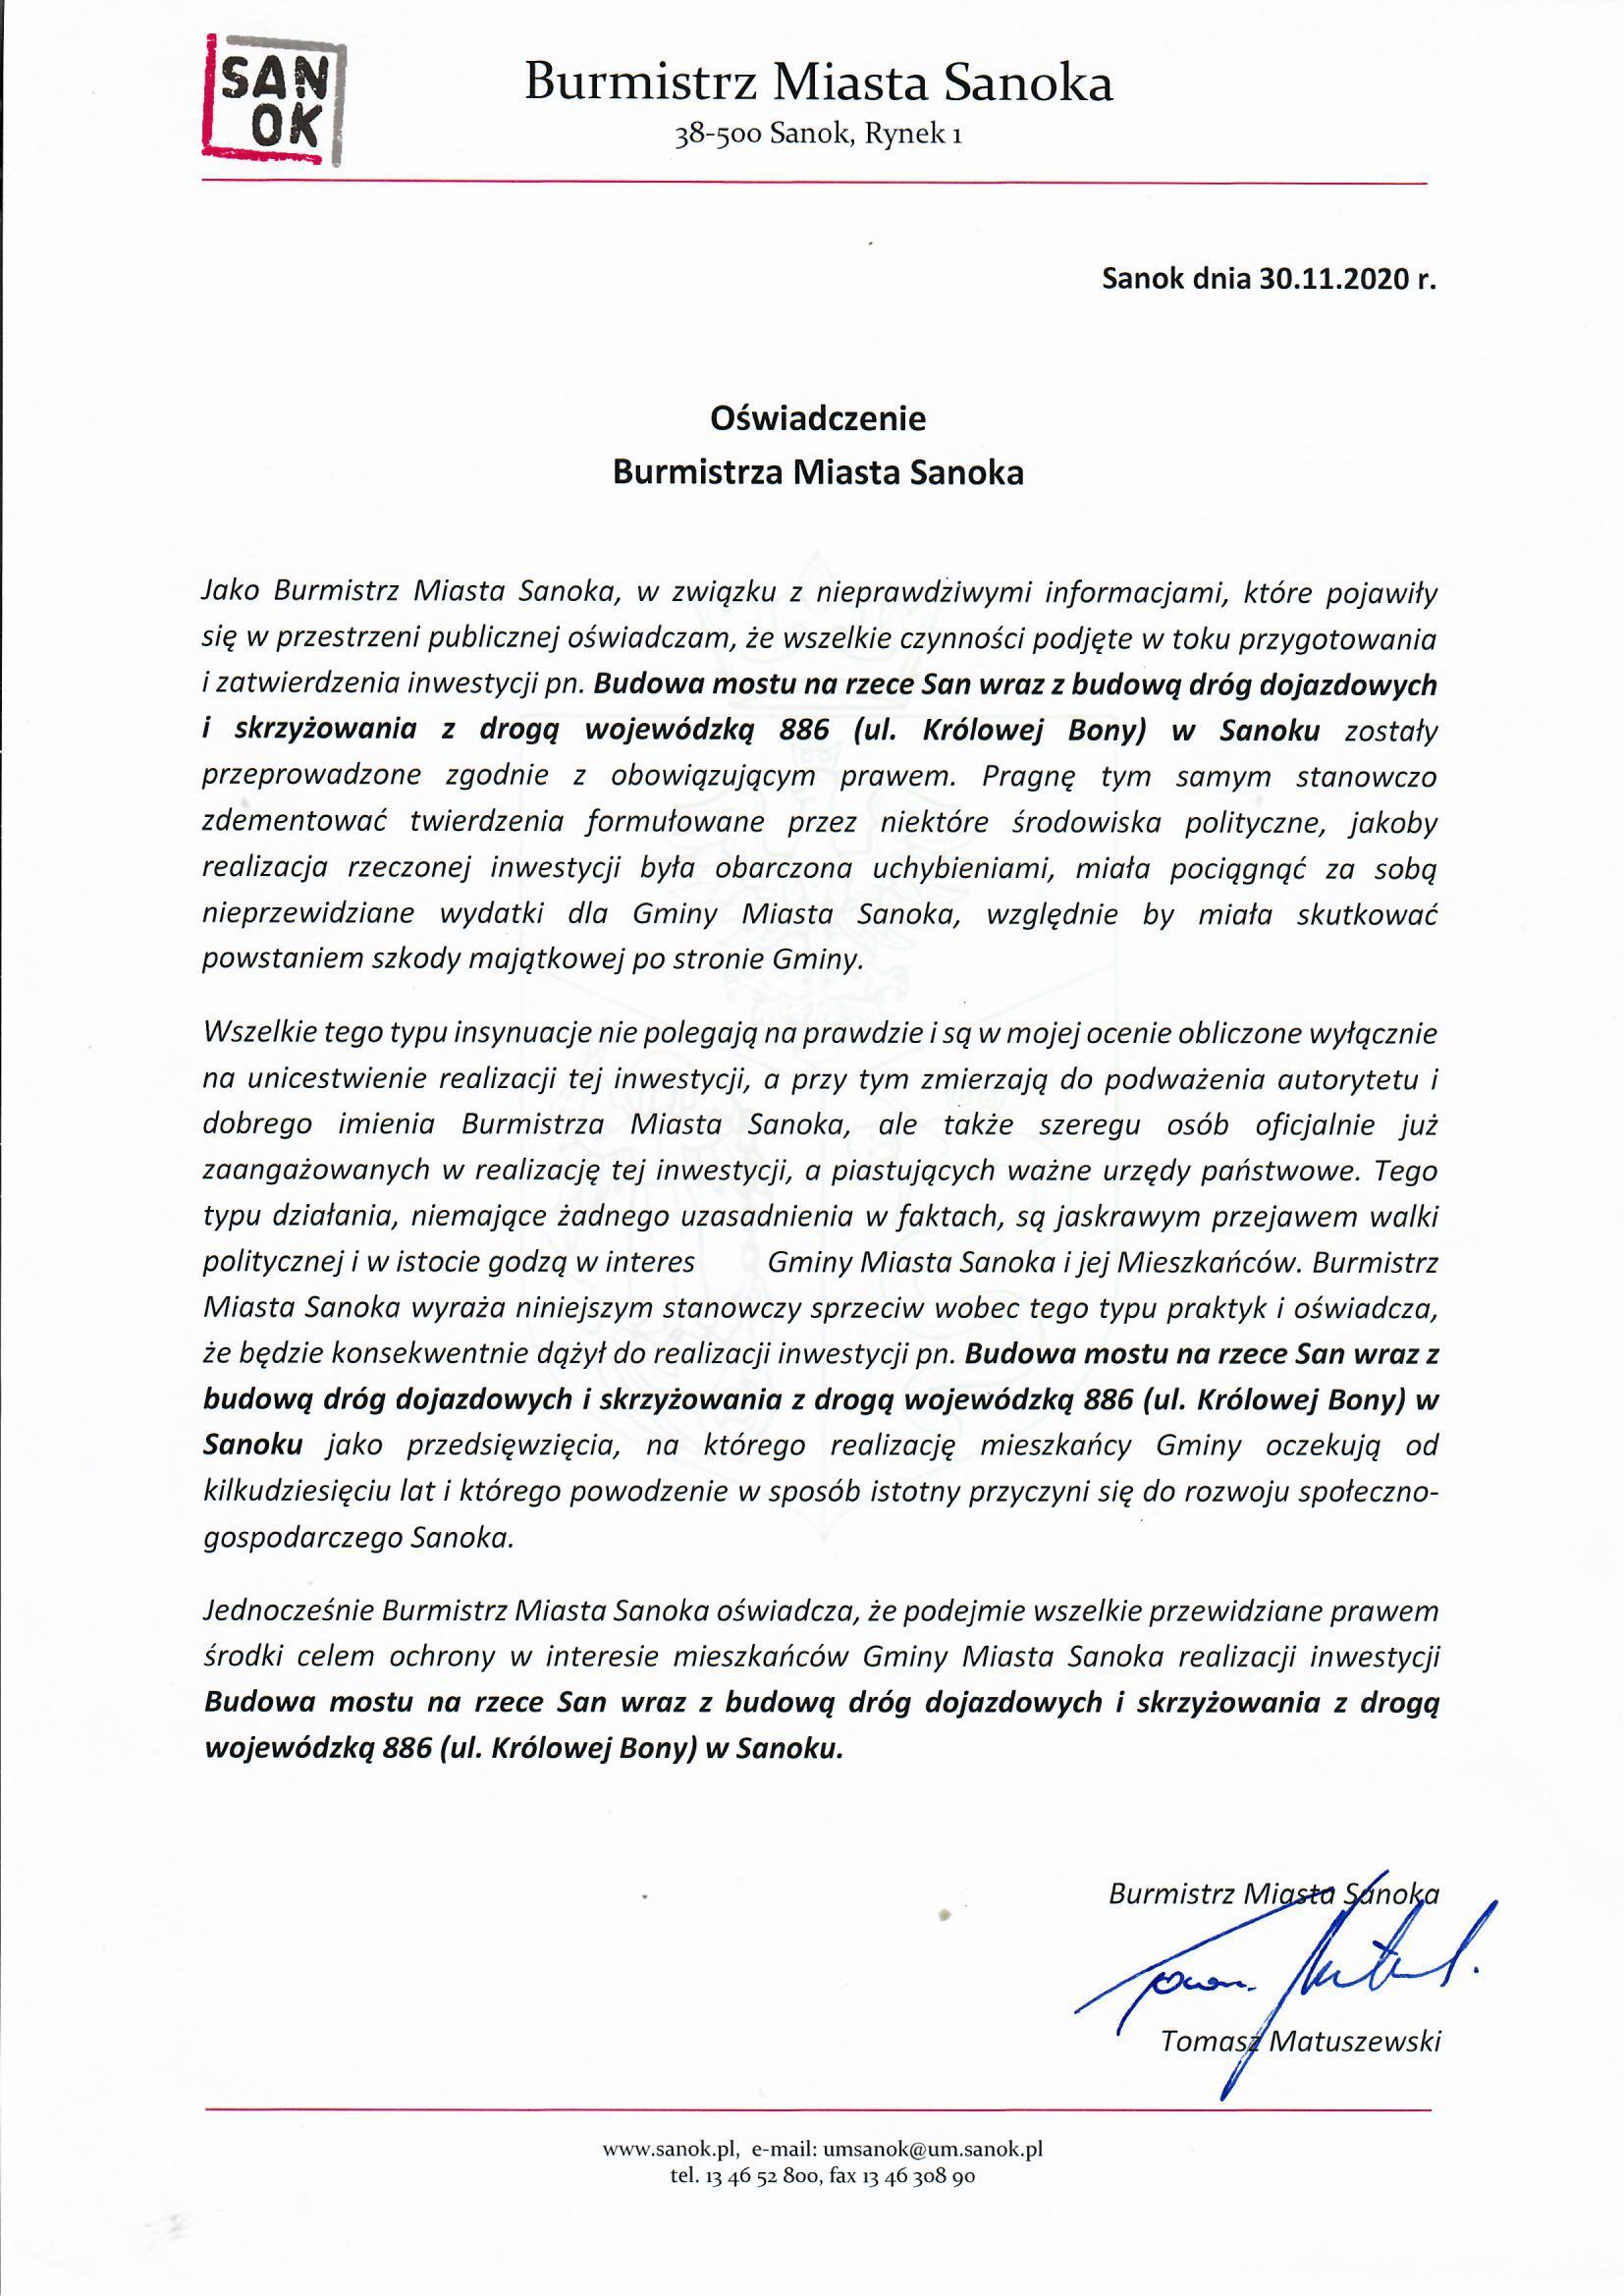 Oświadczenie Burmistrza Miasta Sanoka